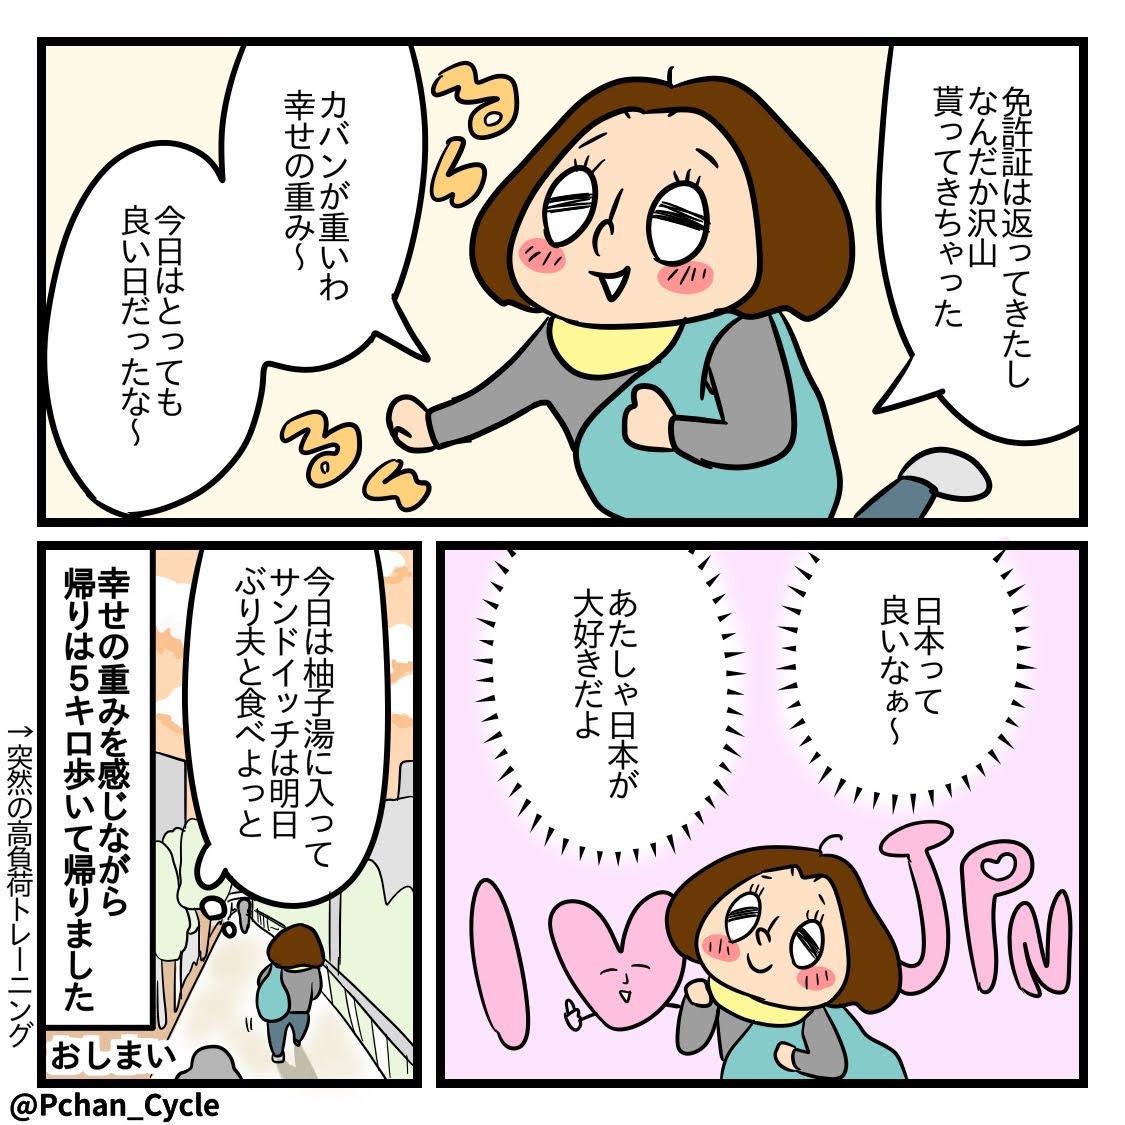 日本大好き!【日常漫画】マジでびびった話〜ぶり夫の運転免許証紛失事件〜